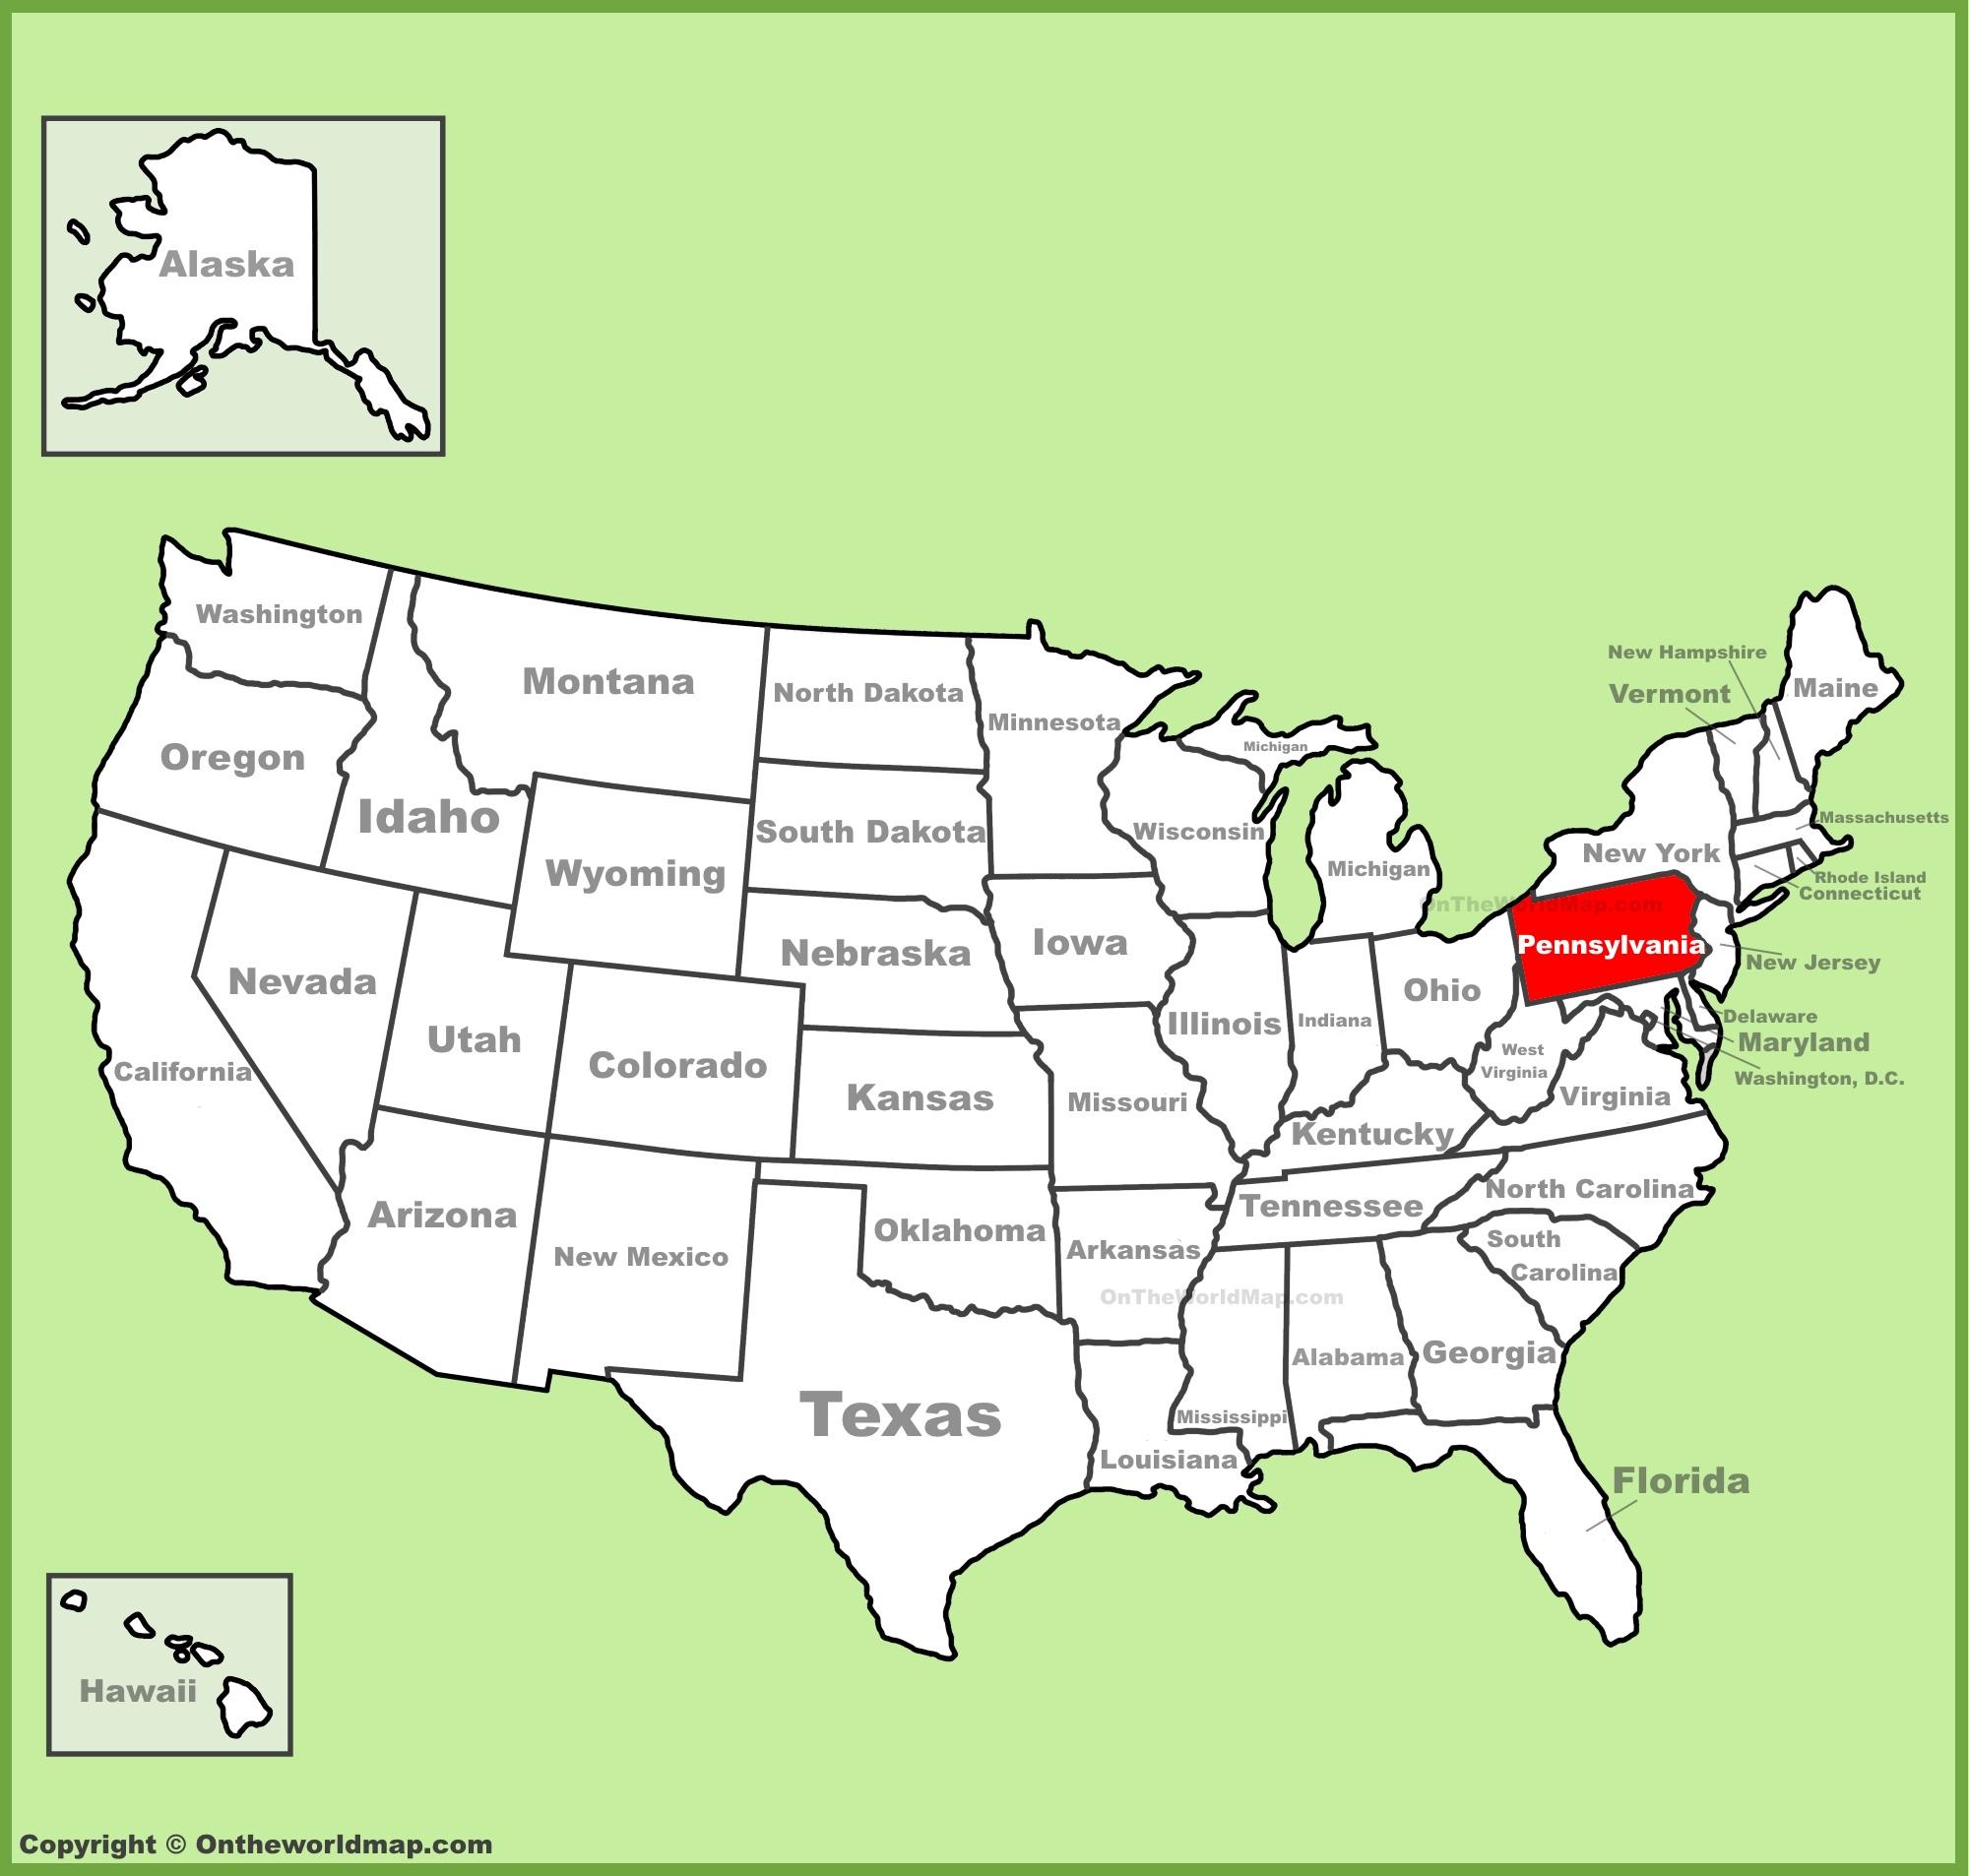 Pennsylvania State Maps | USA | Maps of Pennsylvania (PA)